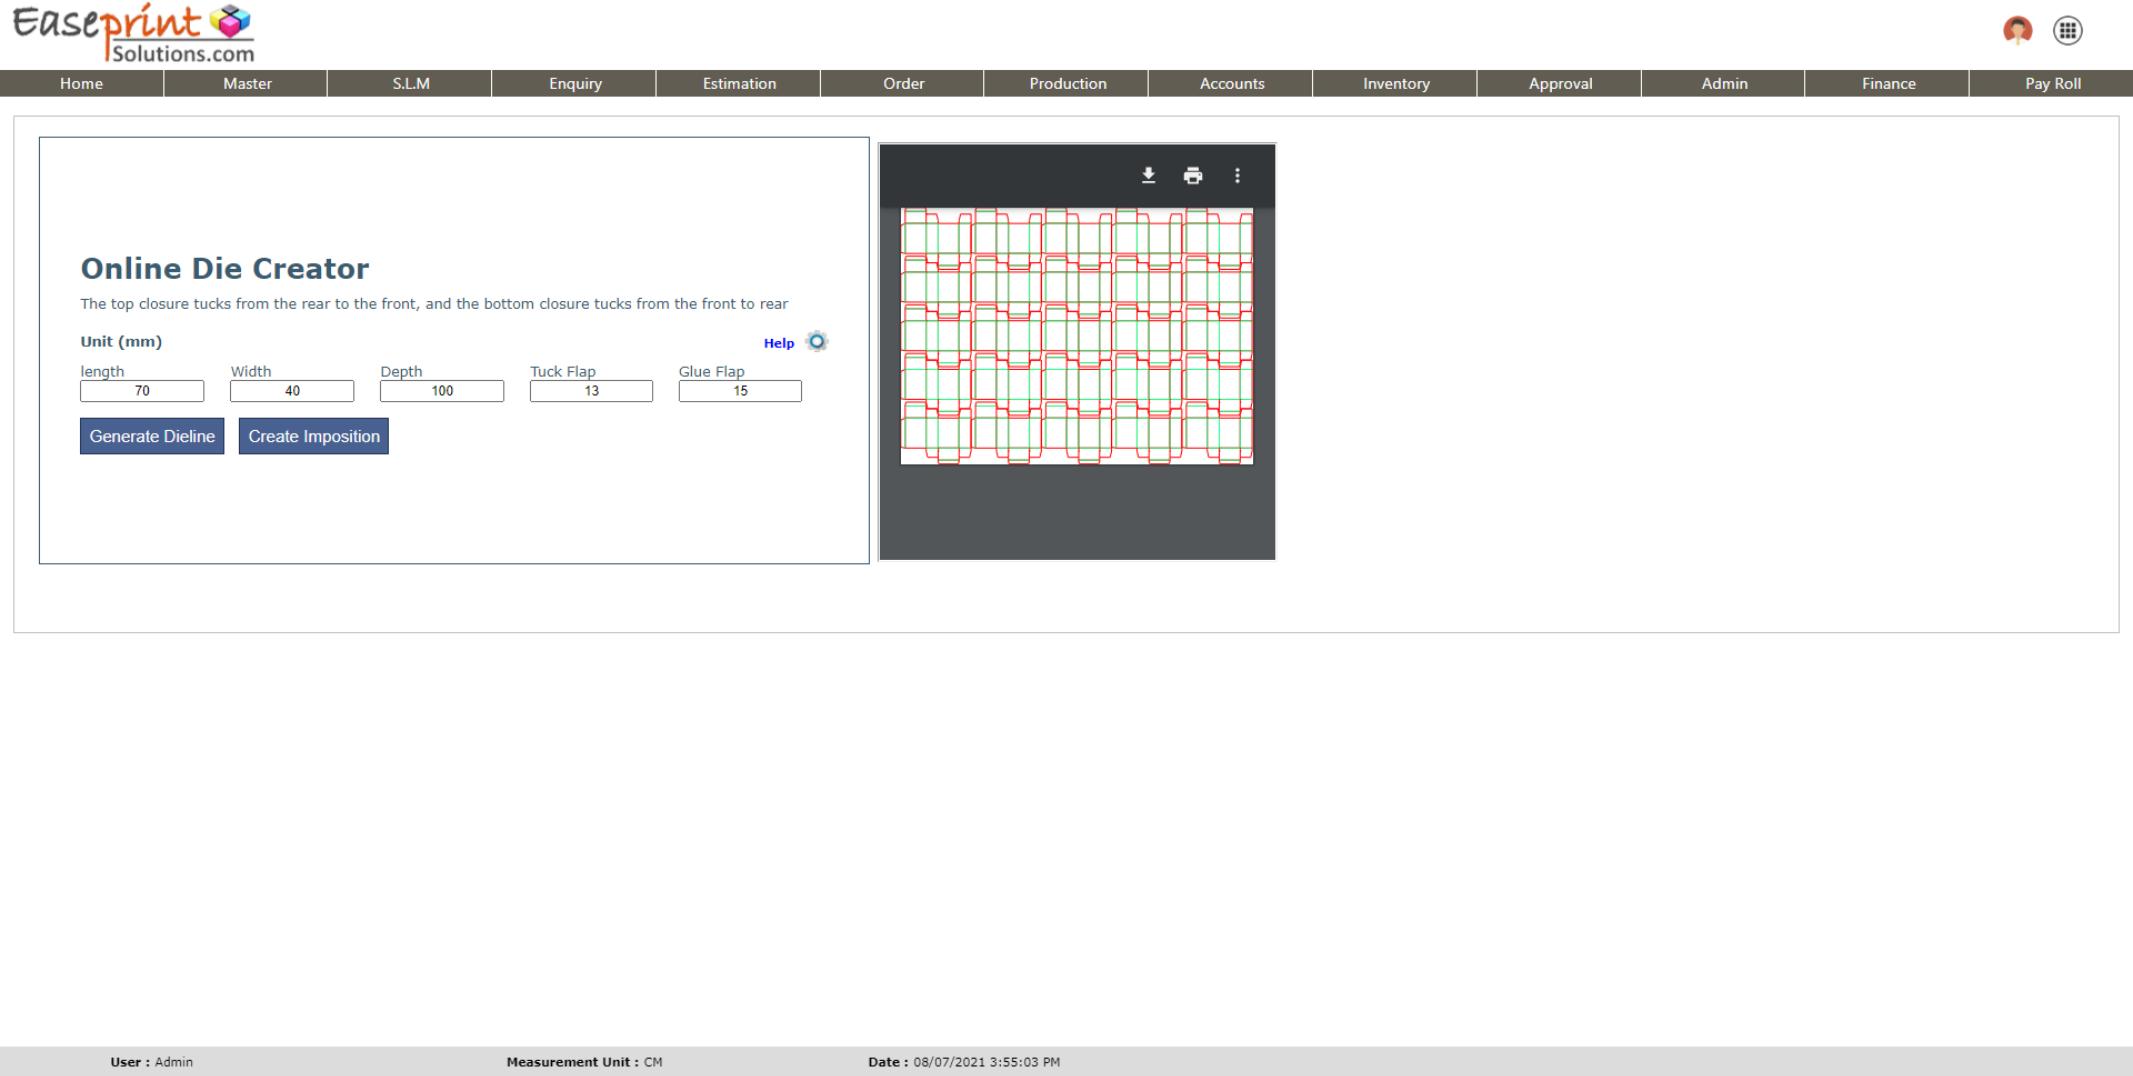 Easeprint Software - ONLINE DIE LINE GENERATOR